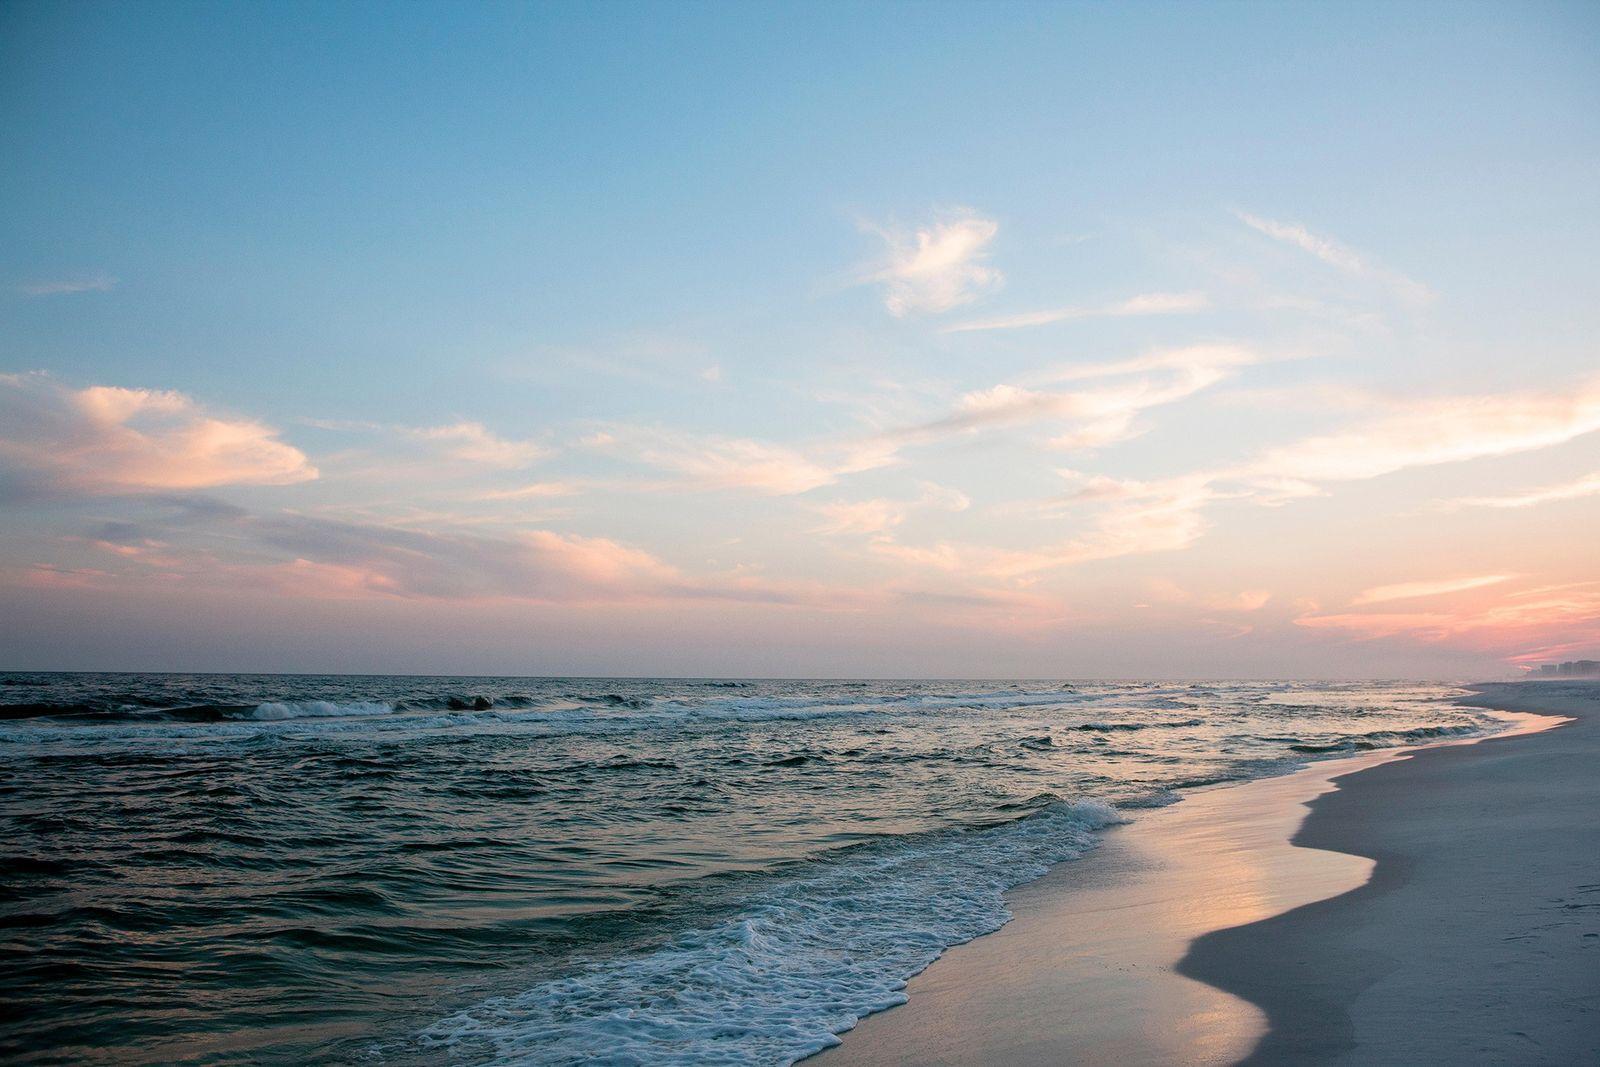 Condado de Walton del Sur, Florida